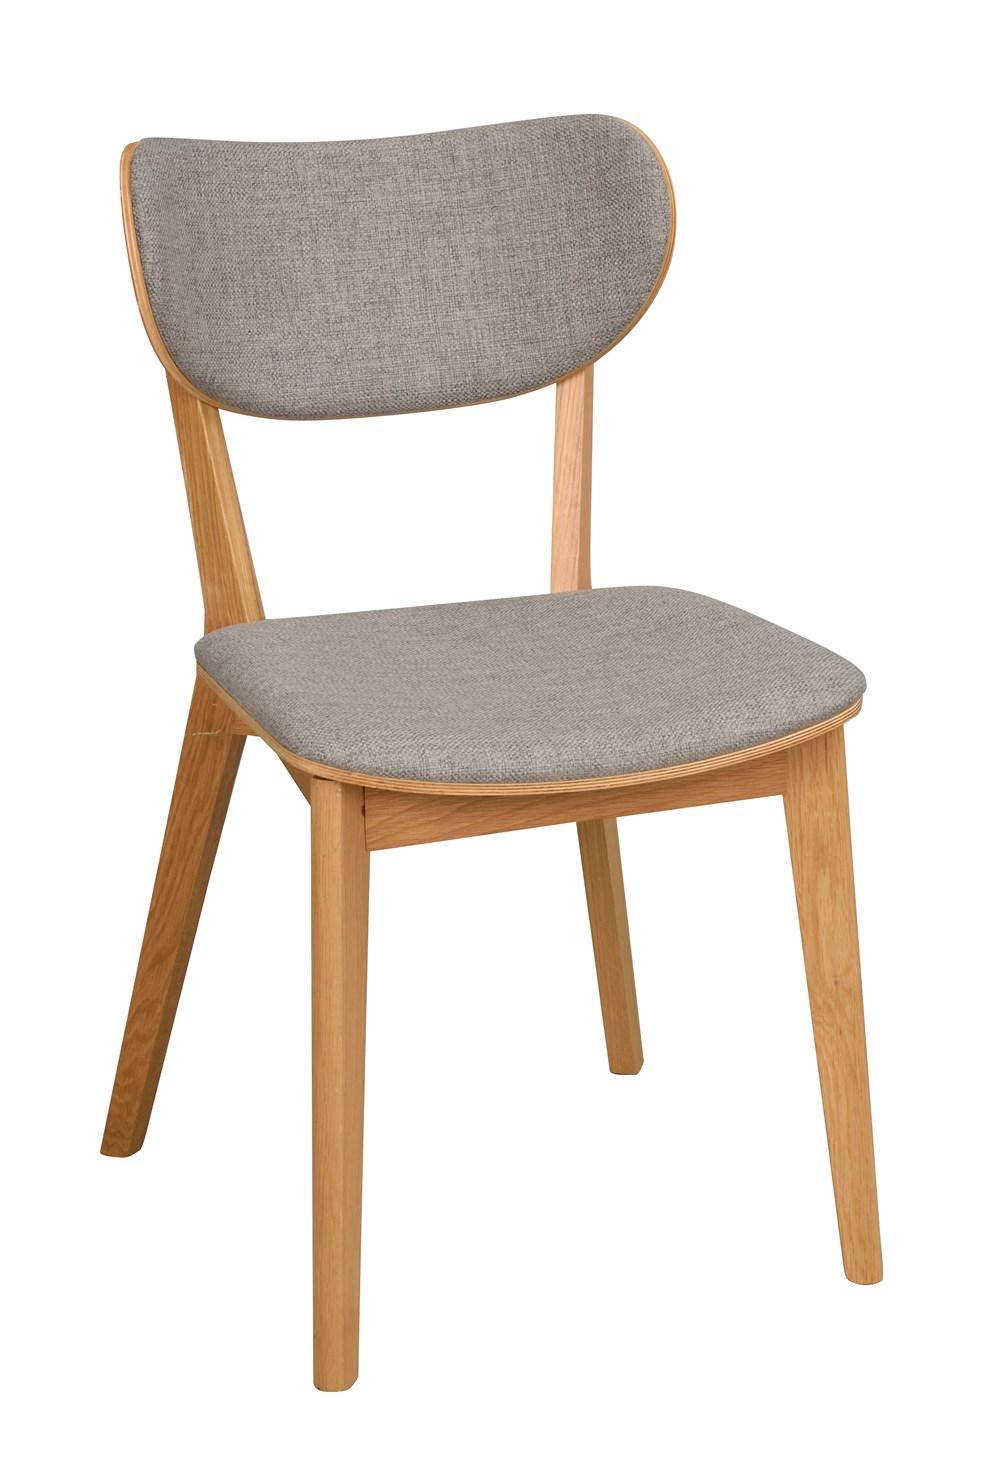 Kato tuoli lakattu tammi / vaaleanharmaa, Rowico